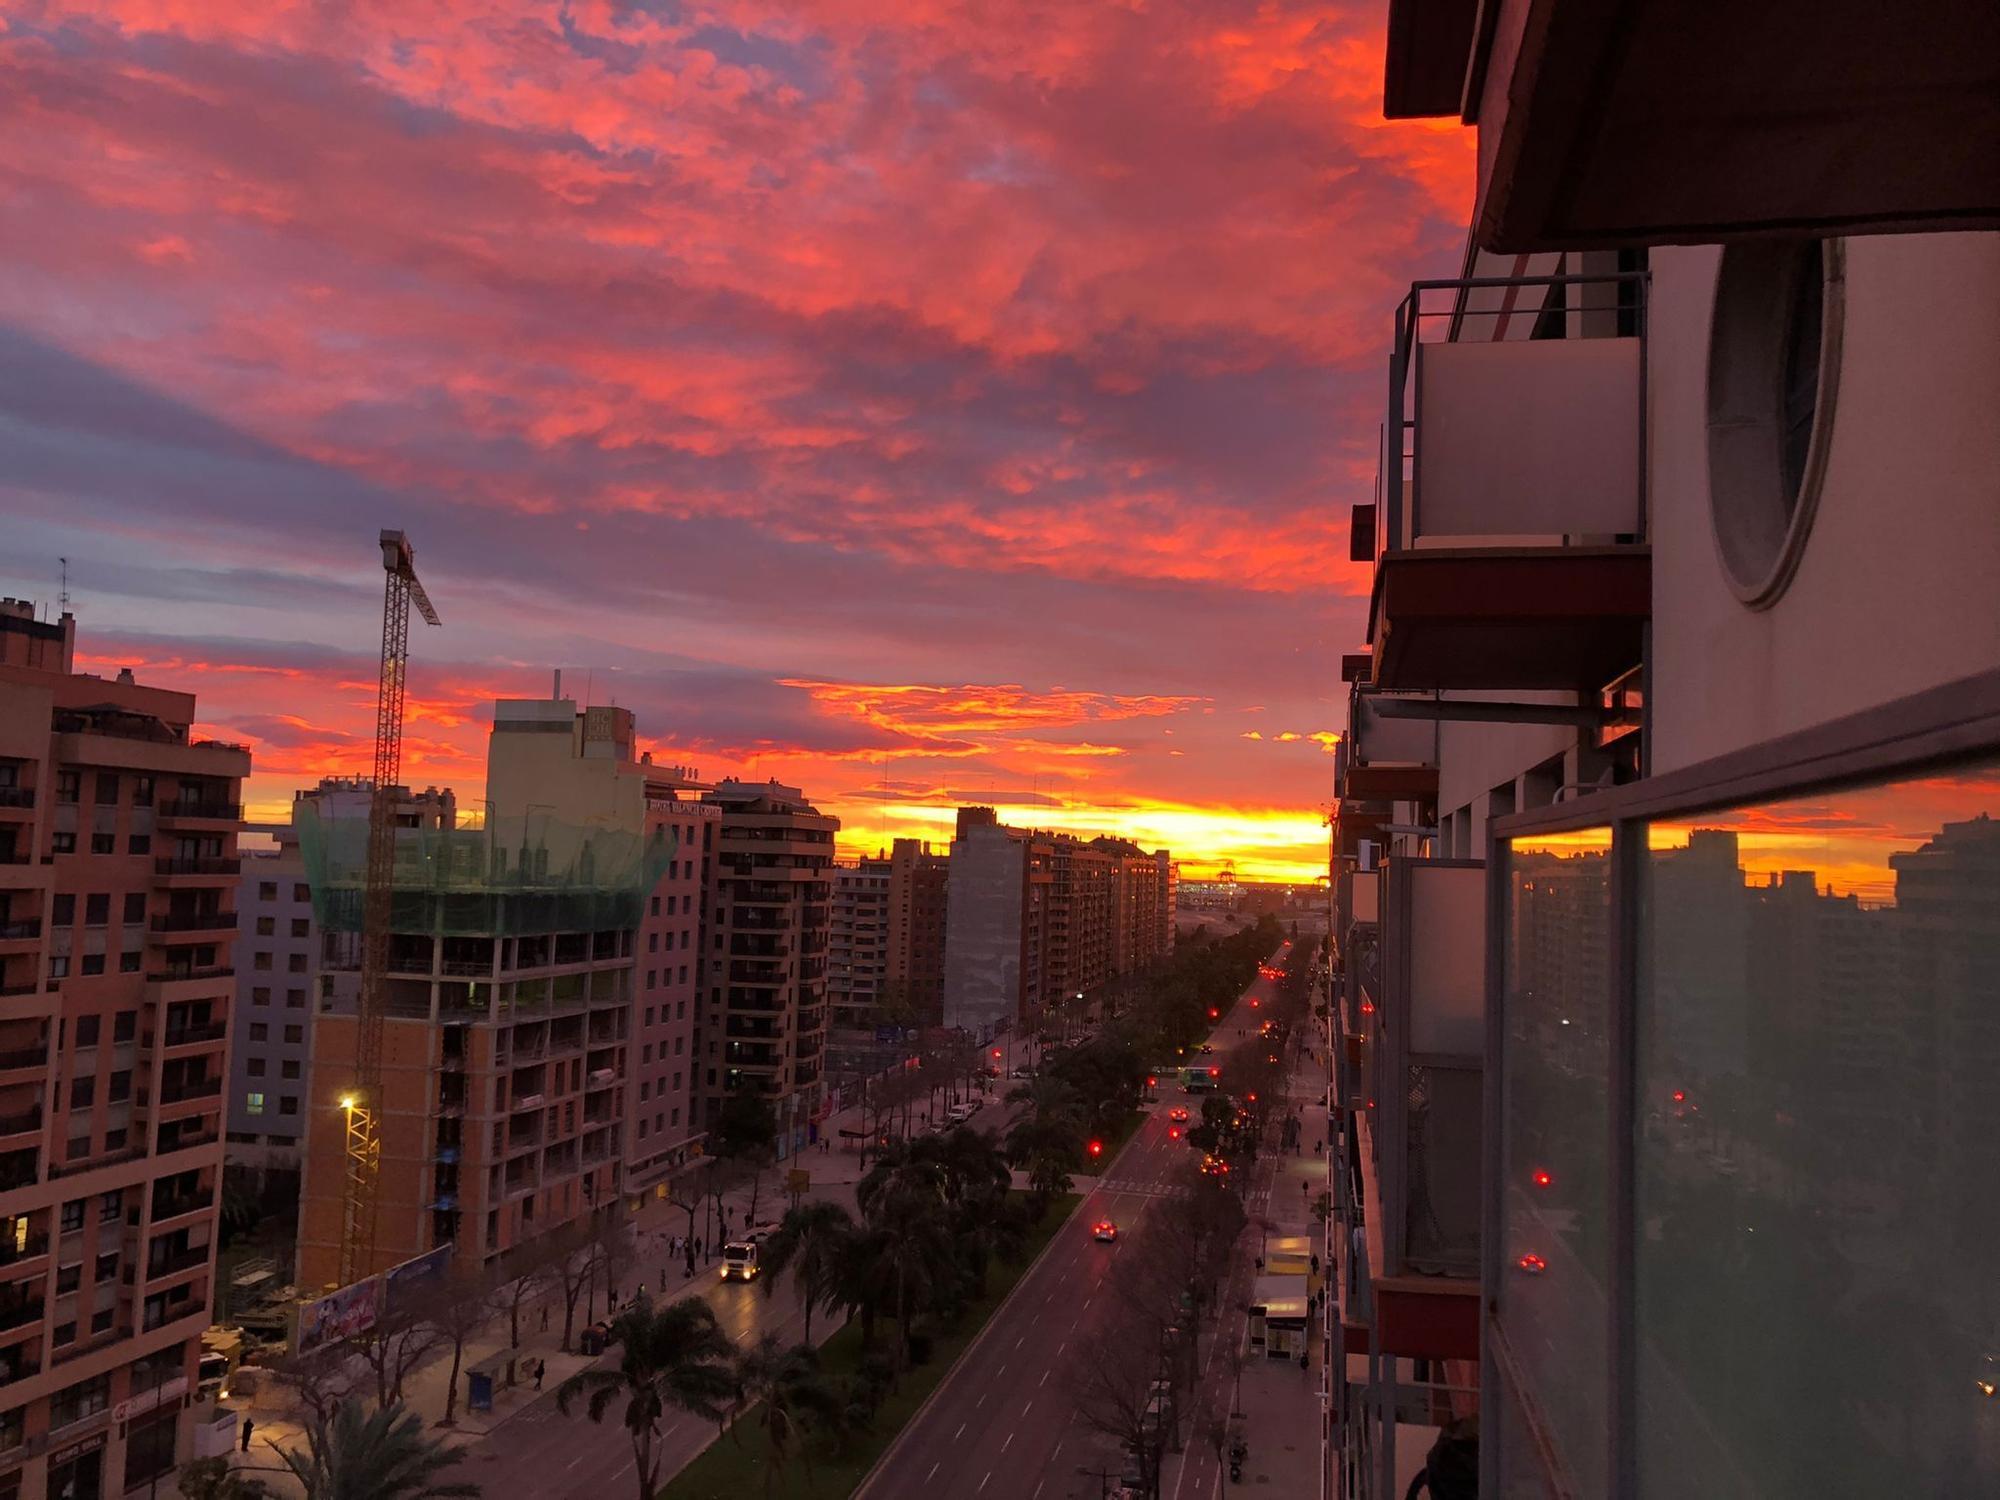 Candilazo espectacular en el cielo de València